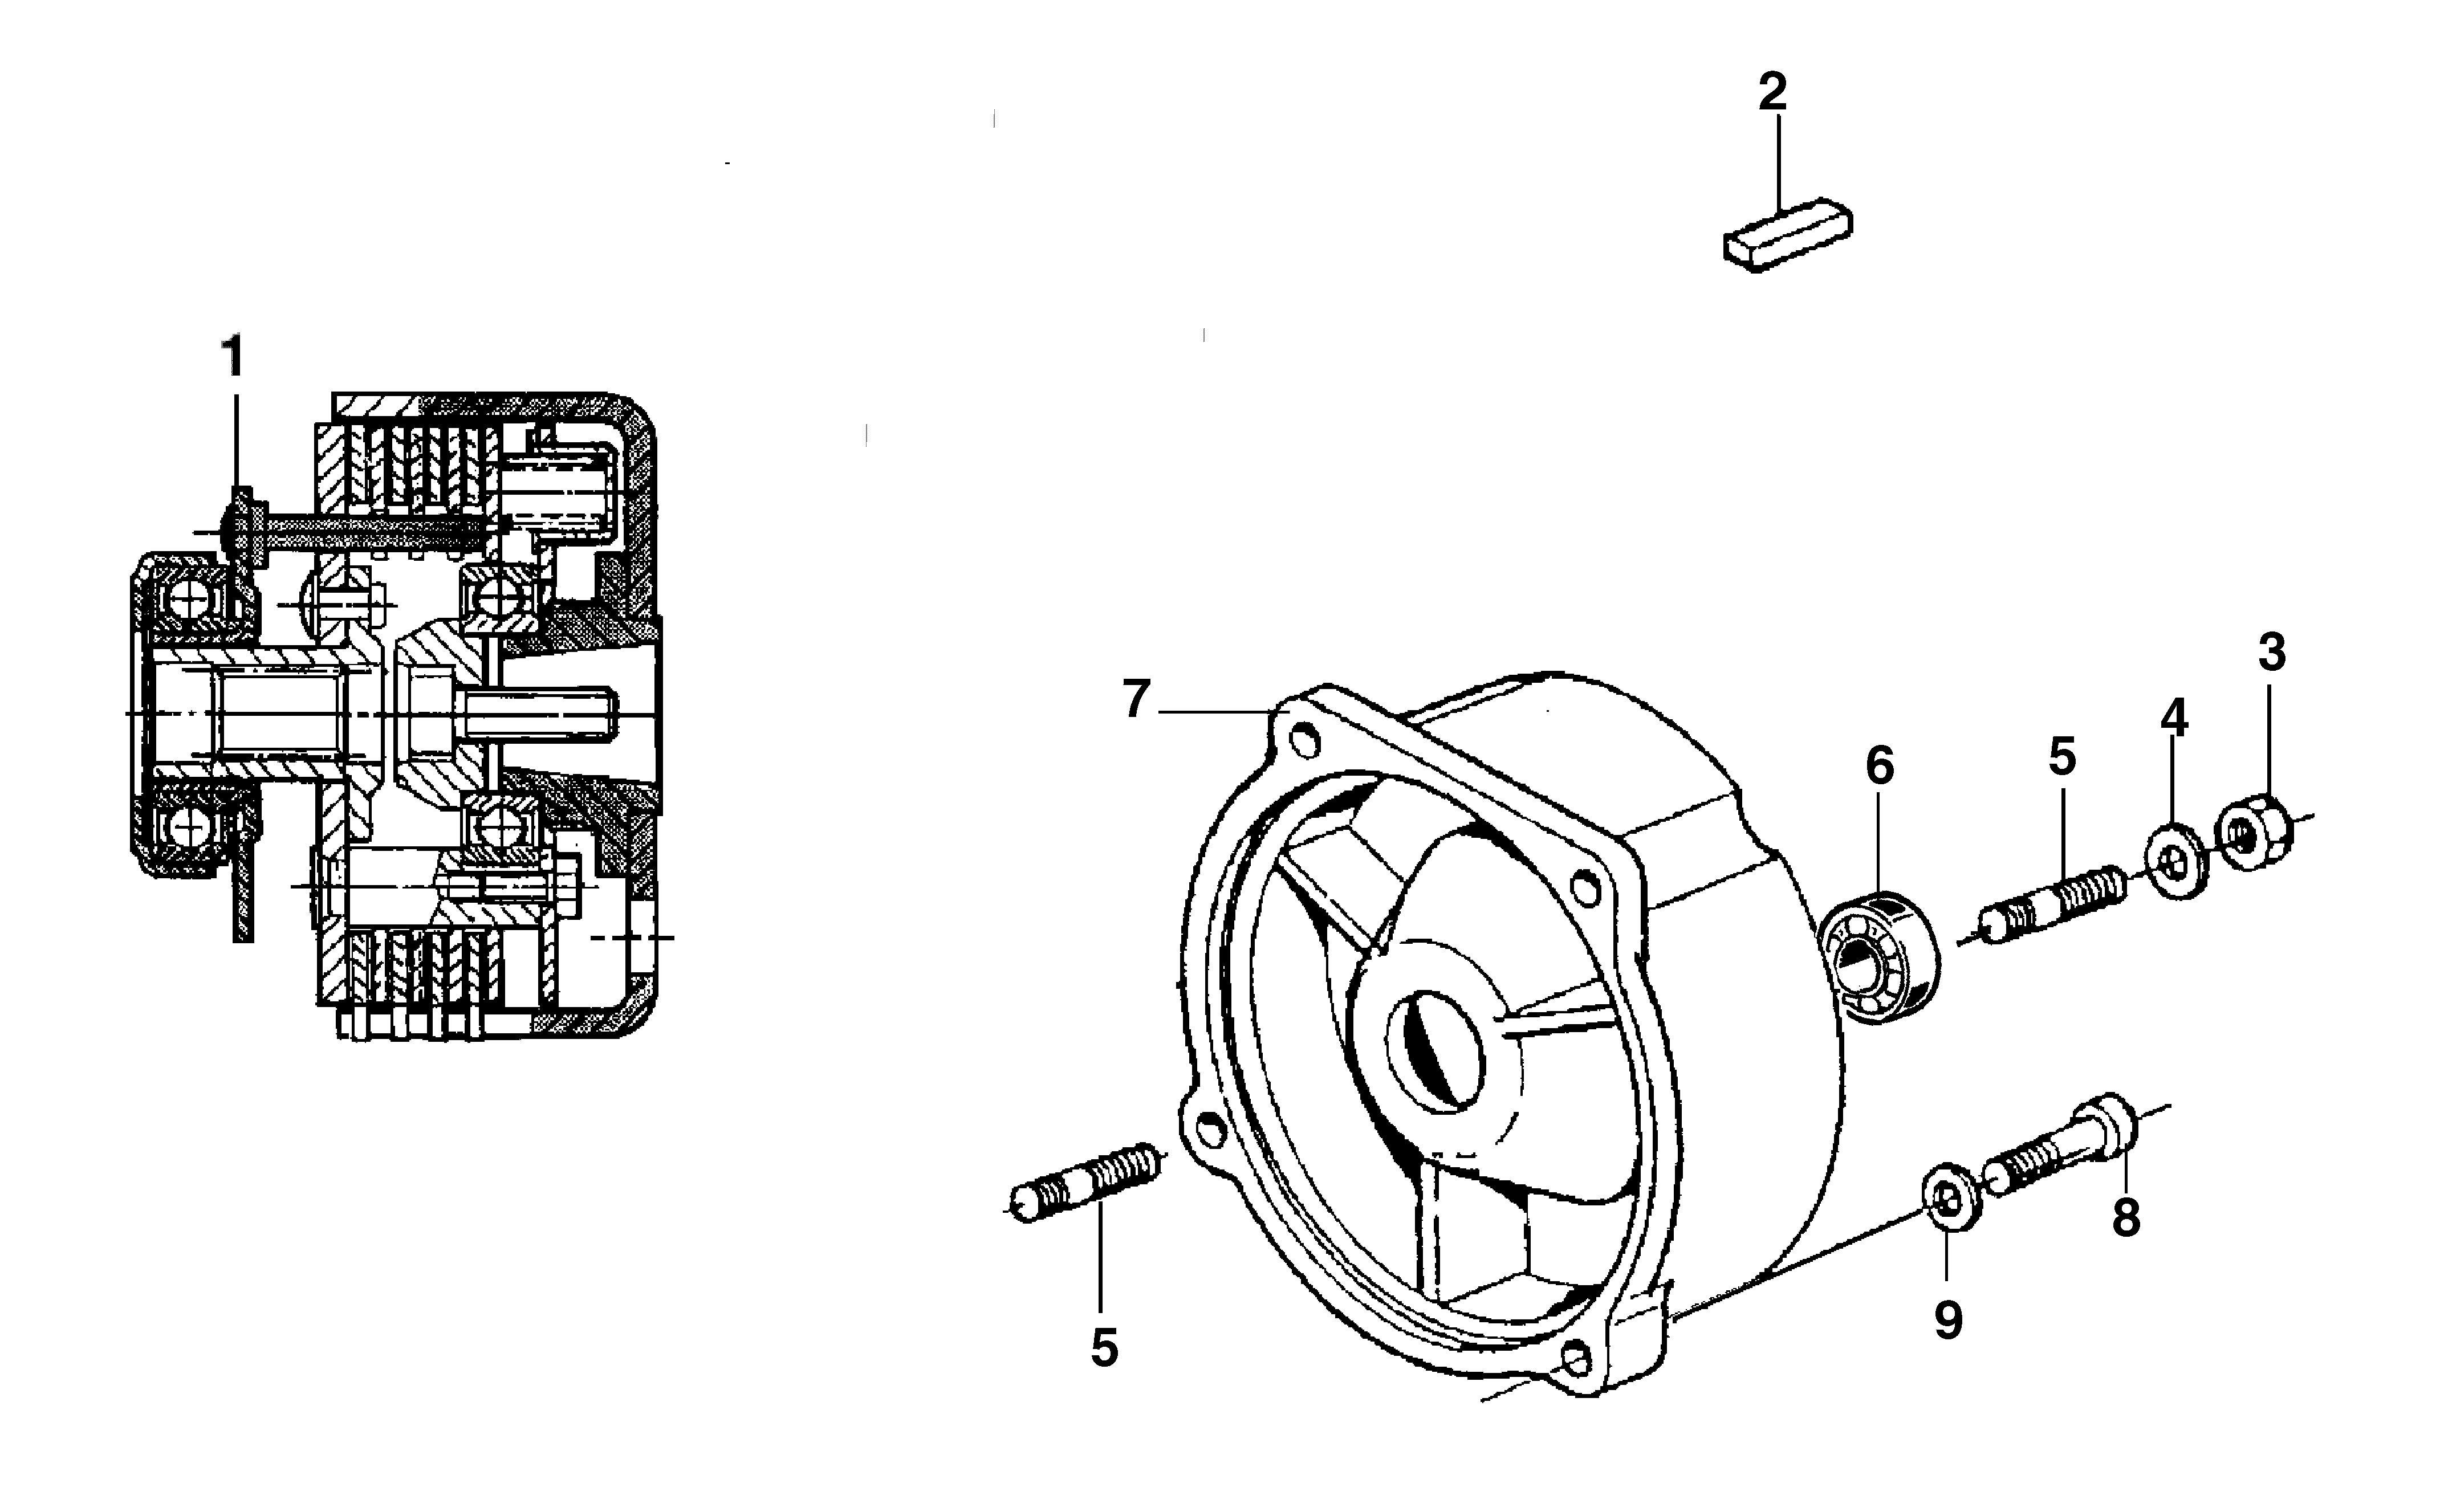 KAM 5 HF (EN 709) Motoculteur  Motoculteur OLEOMAC NIBBI vue éclatée  Dessins pièces -  Embrayage